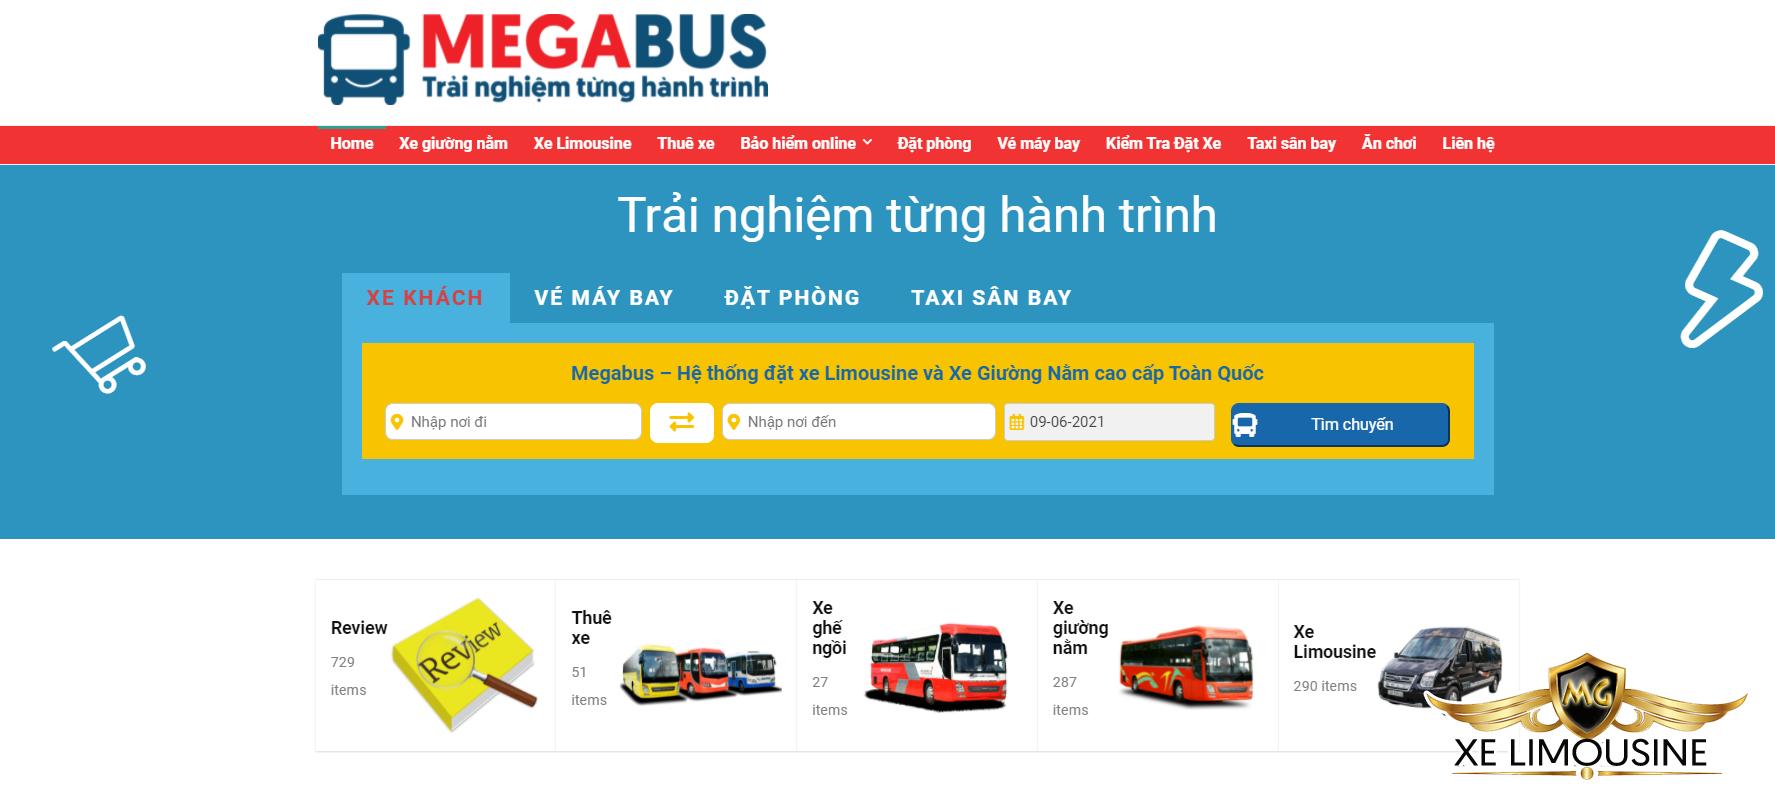 Đặt vé xe Toàn Thắng Limousine nhanh nhất tại Megabus.vn